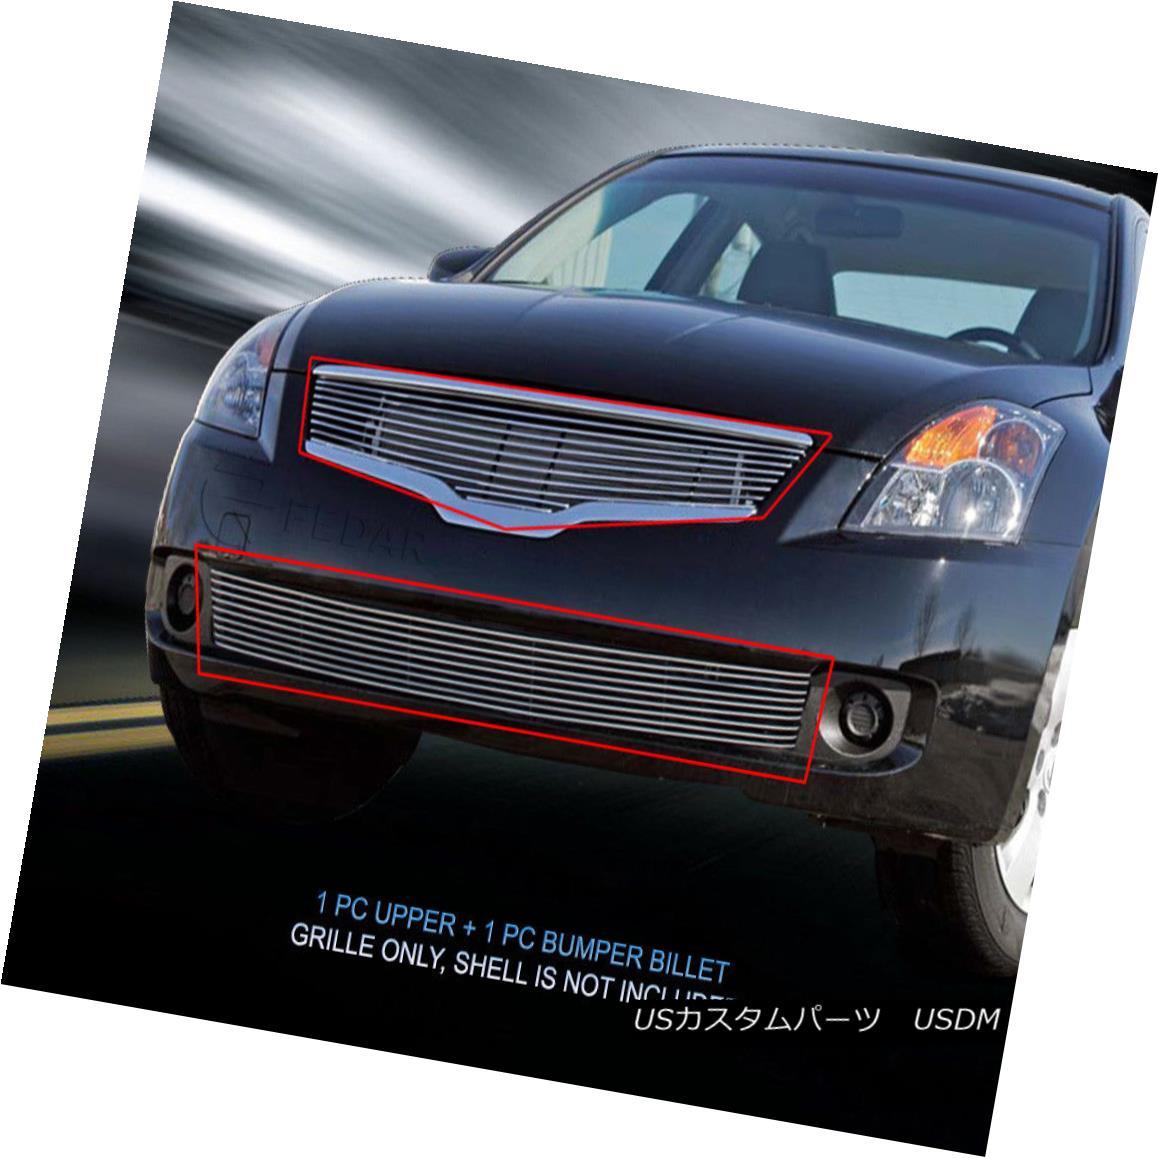 グリル Fedar Fits 2007-2009 Nissan Altima Sedan Polished Billet Grille Combo Fedar Fits 2007-2009日産アルティマセダンポリッシュビレットグリルコンボ